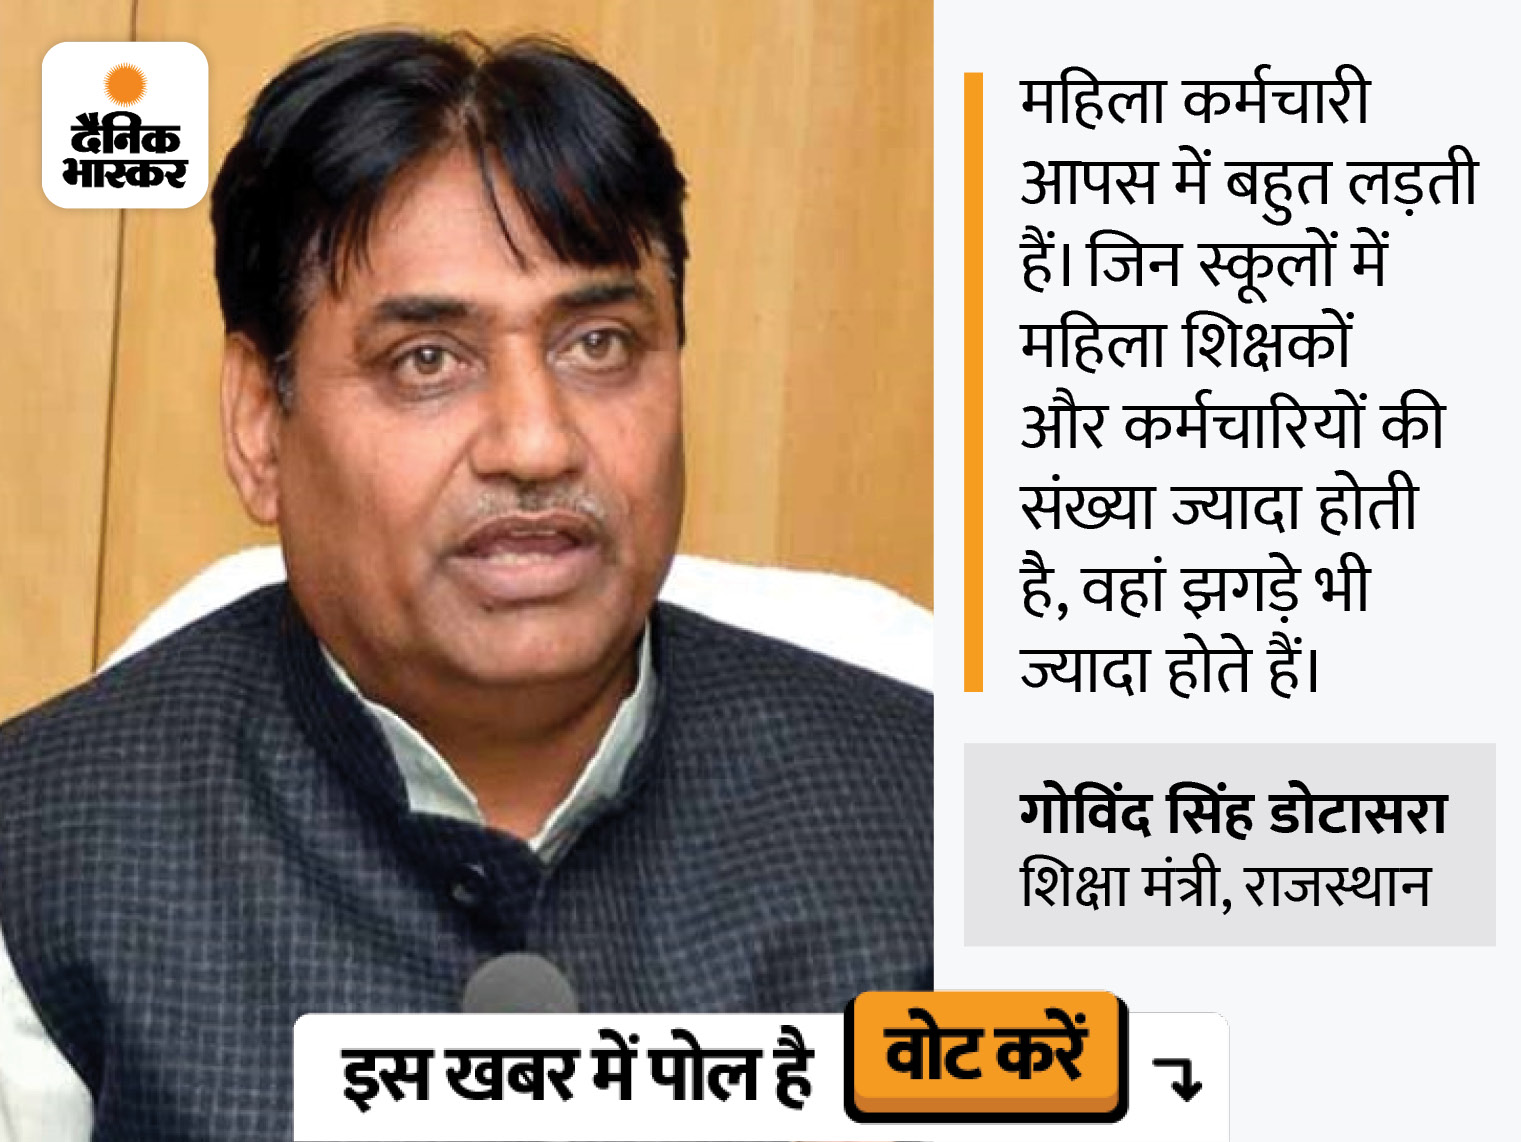 डोटासरा ने कहा था- महिलाएं झगड़ालू, प्रिंसिपल को लेनी पड़ती है सिर दर्द की गोली; महिला आयोग की पूर्व अध्यक्ष बोलीं- बयान पर शर्म आती है|जयपुर,Jaipur - Dainik Bhaskar